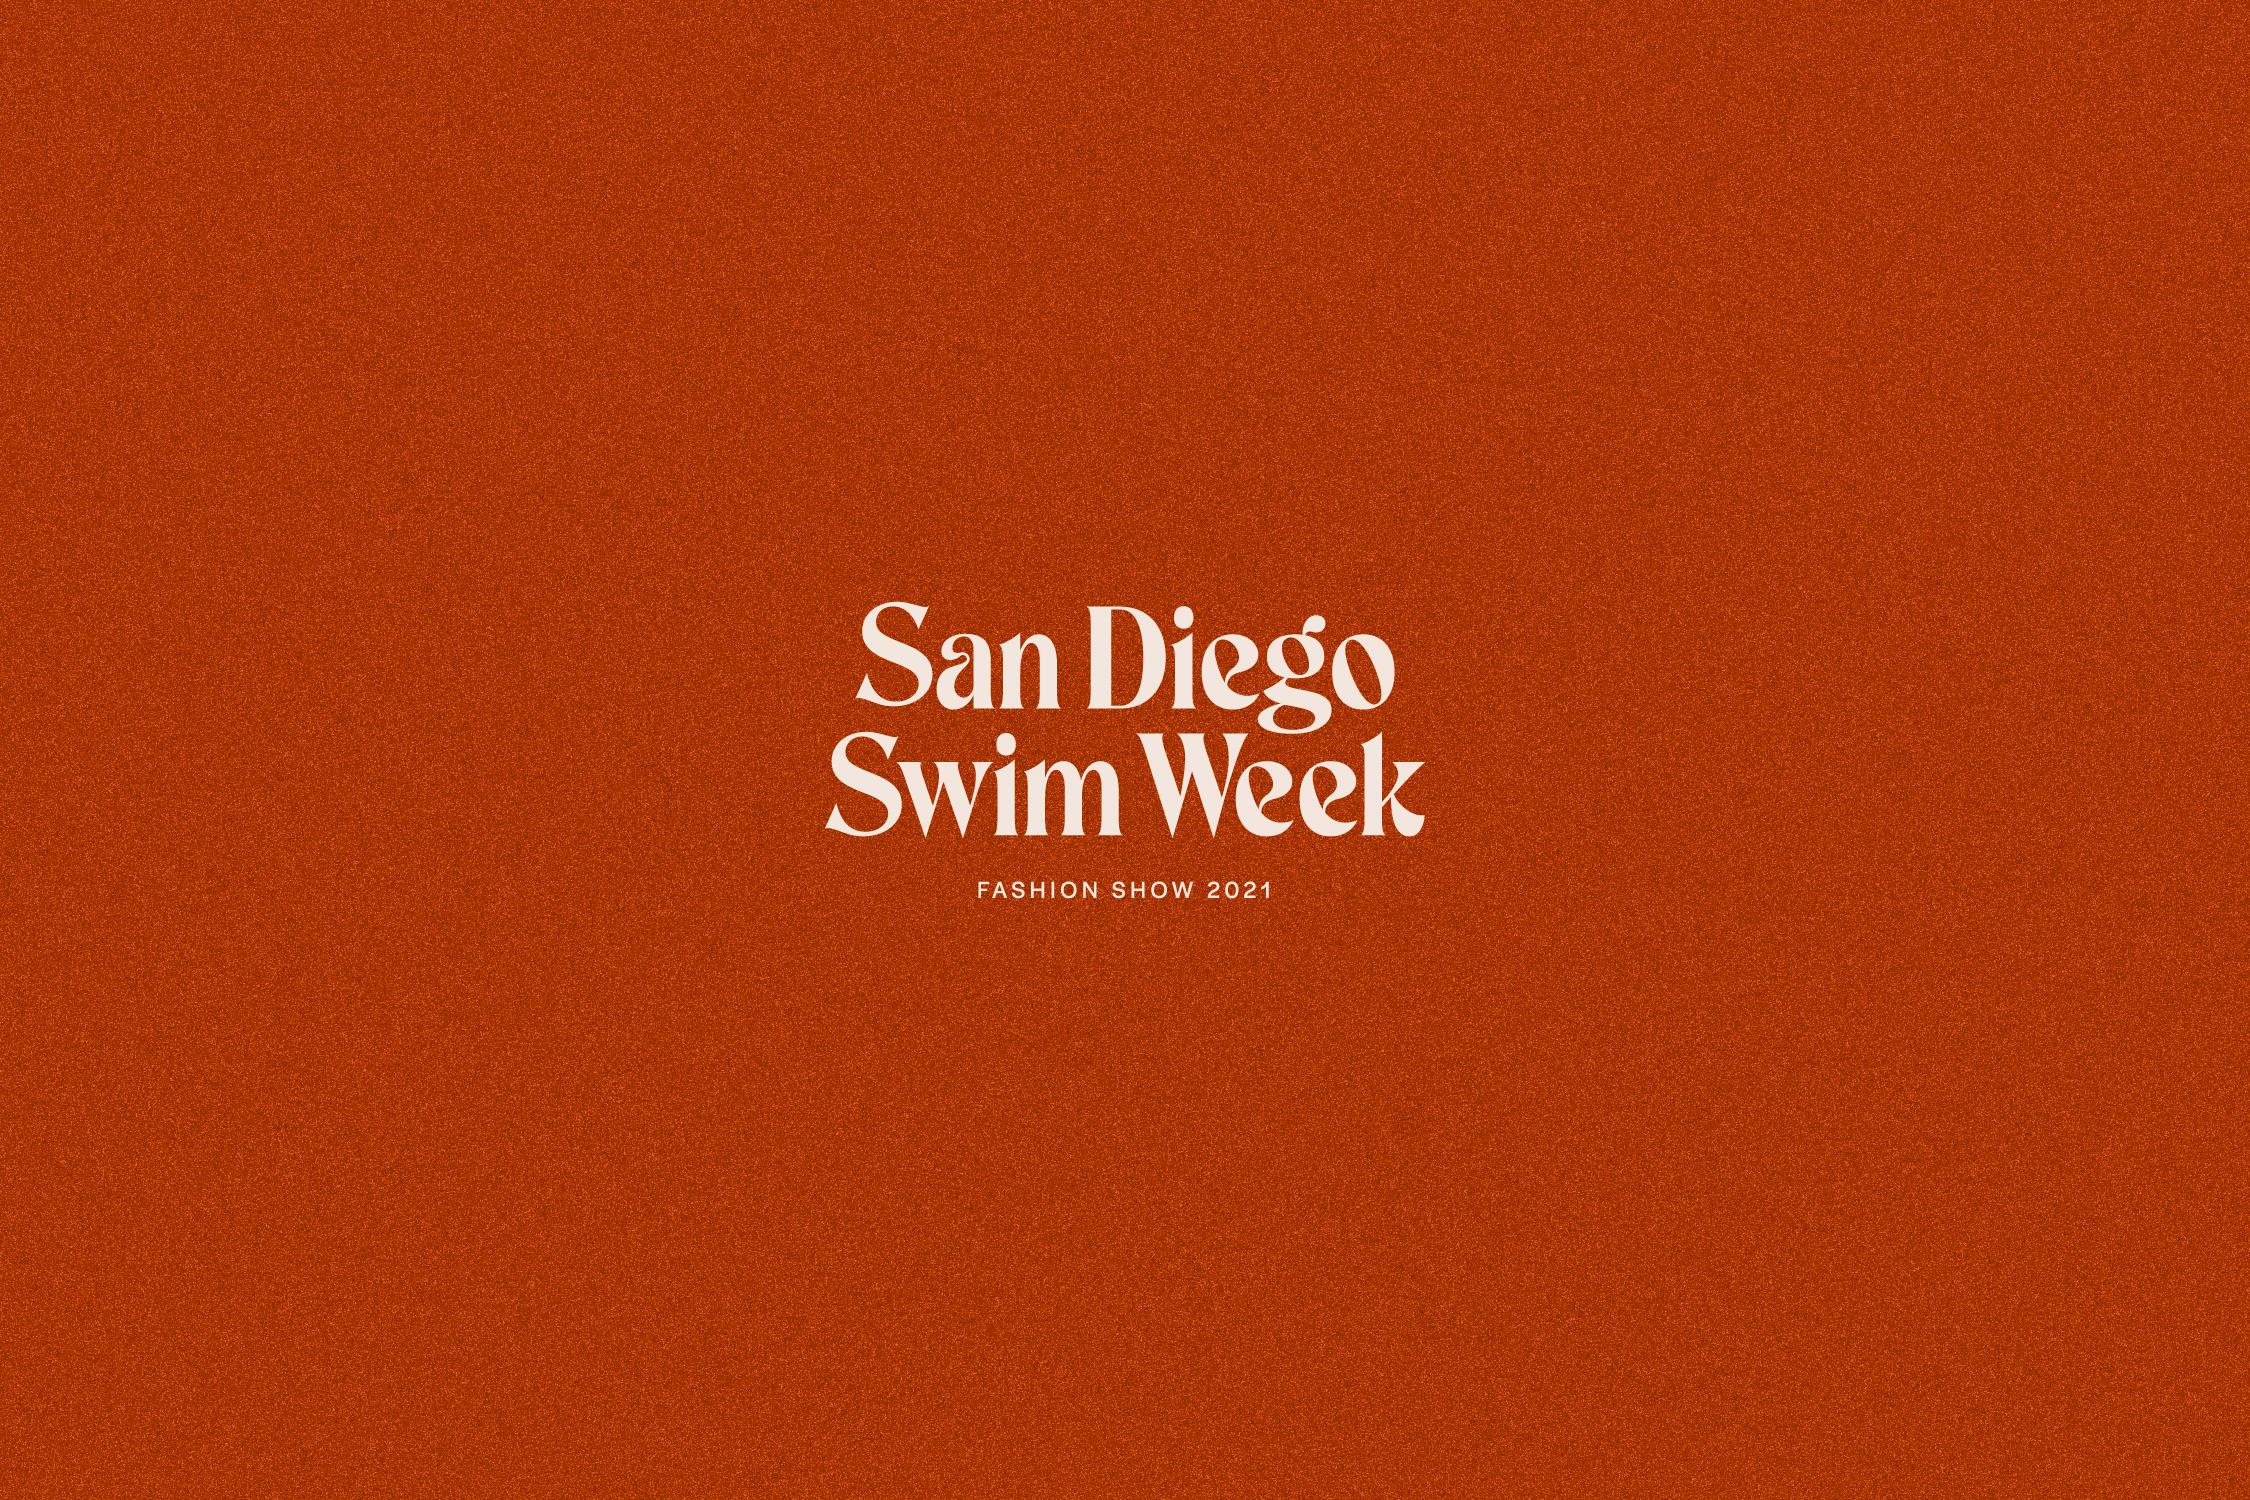 San Diego Swim Week